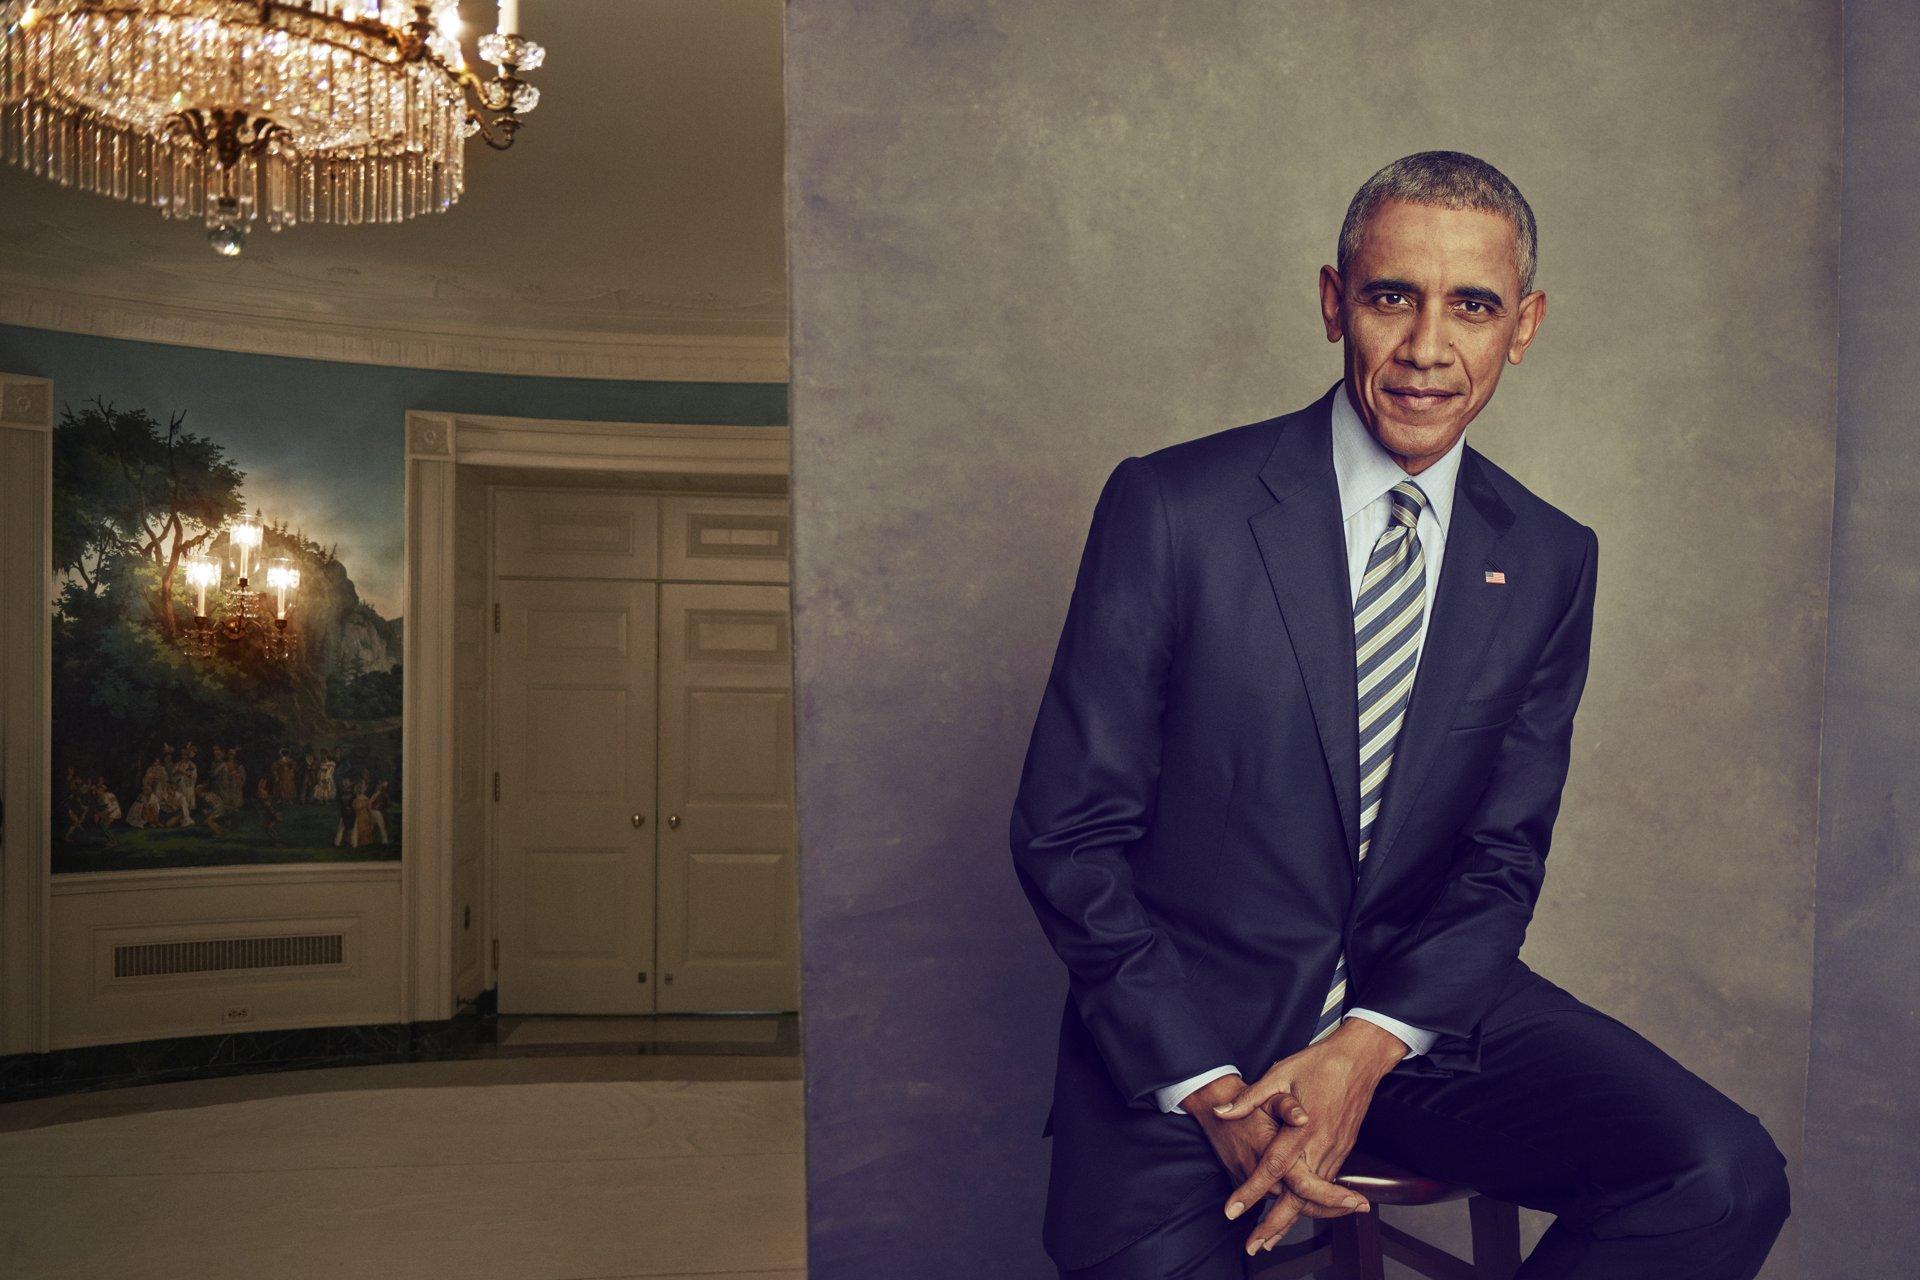 la doctrine obama 1 5 syrie la cr dibilit des. Black Bedroom Furniture Sets. Home Design Ideas